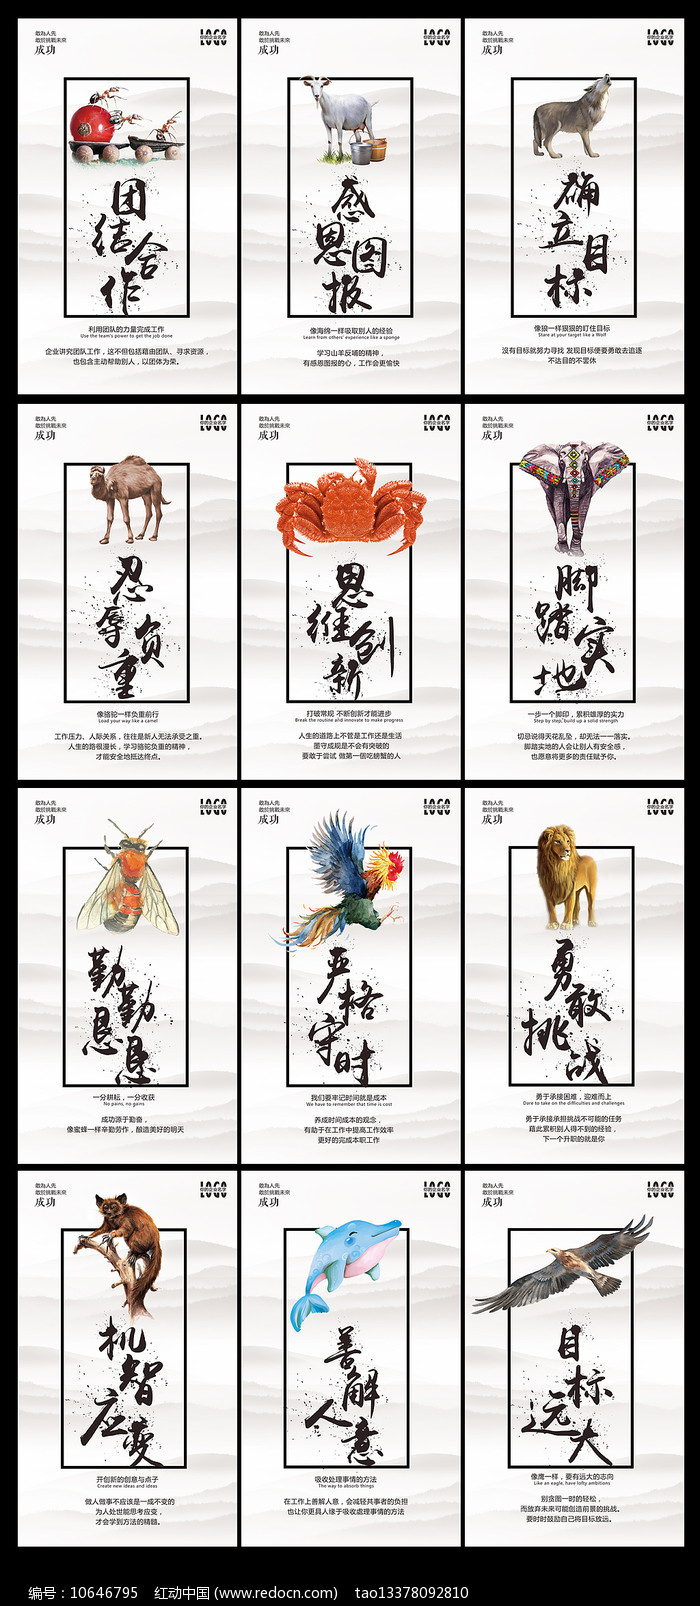 创意动物精神企业文化展板图片